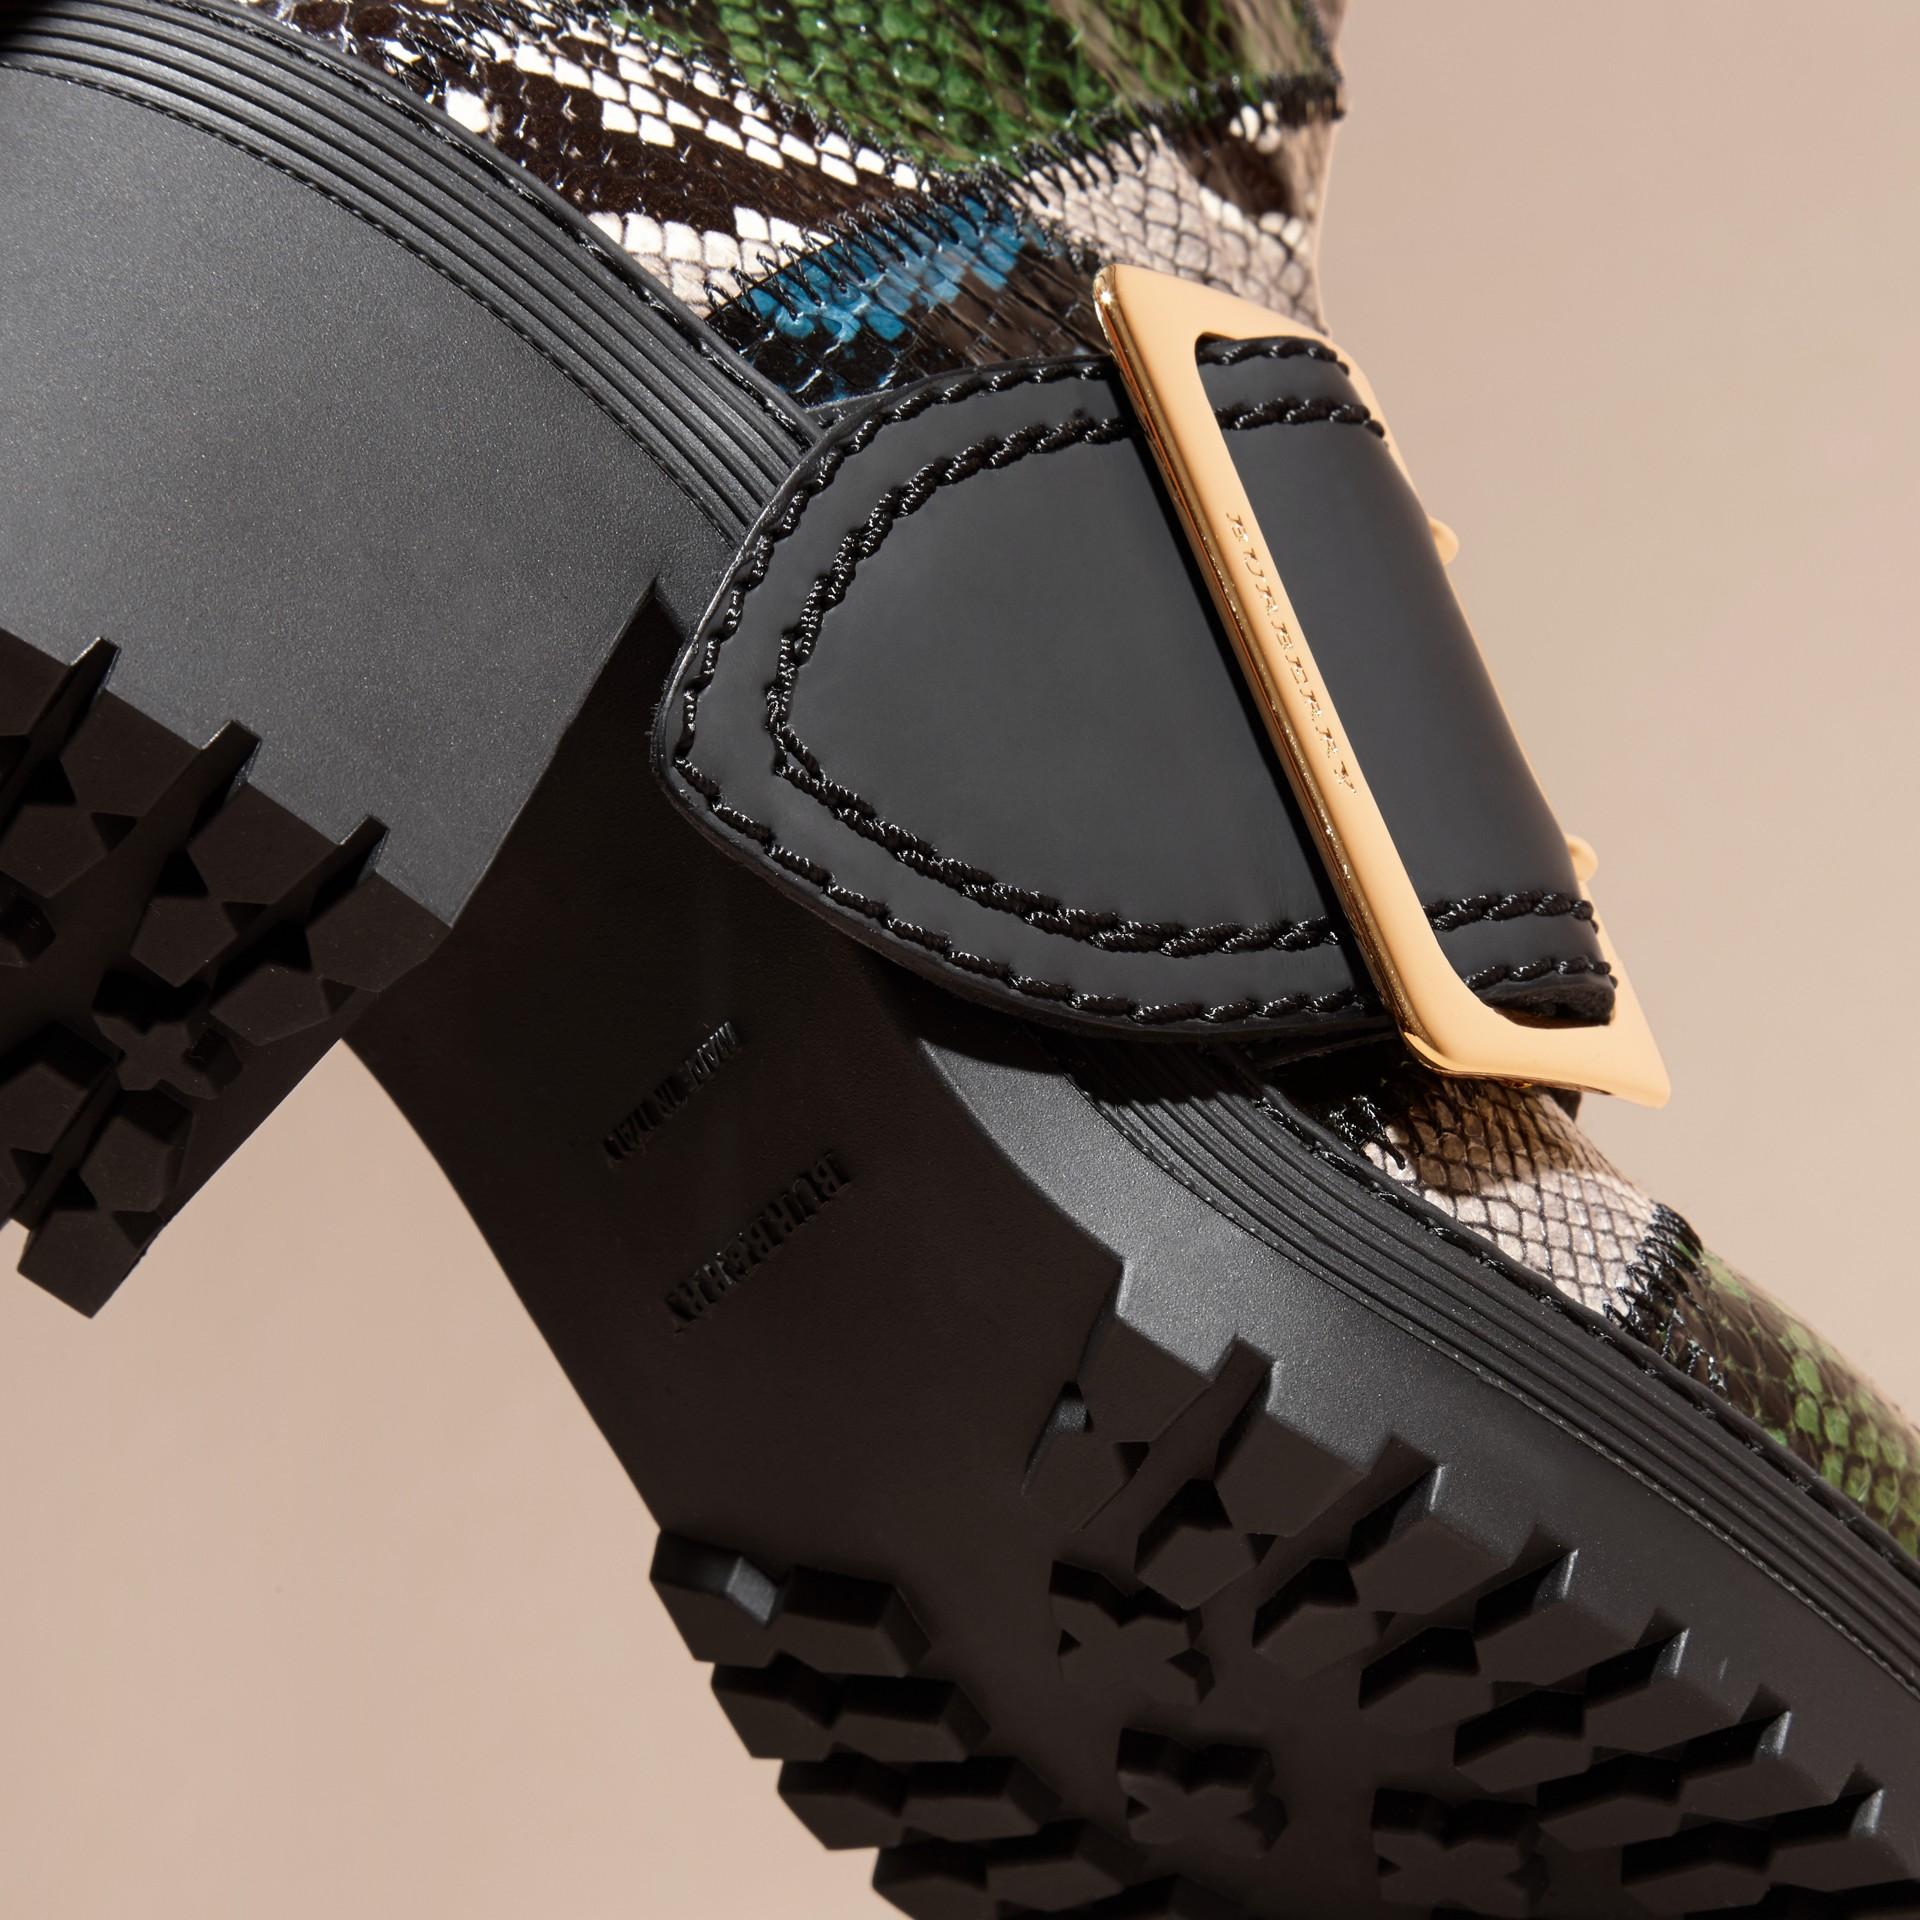 Bleu minéral/noir Bottines The Buckle en peau de serpent et cuir caoutchouté - photo de la galerie 5